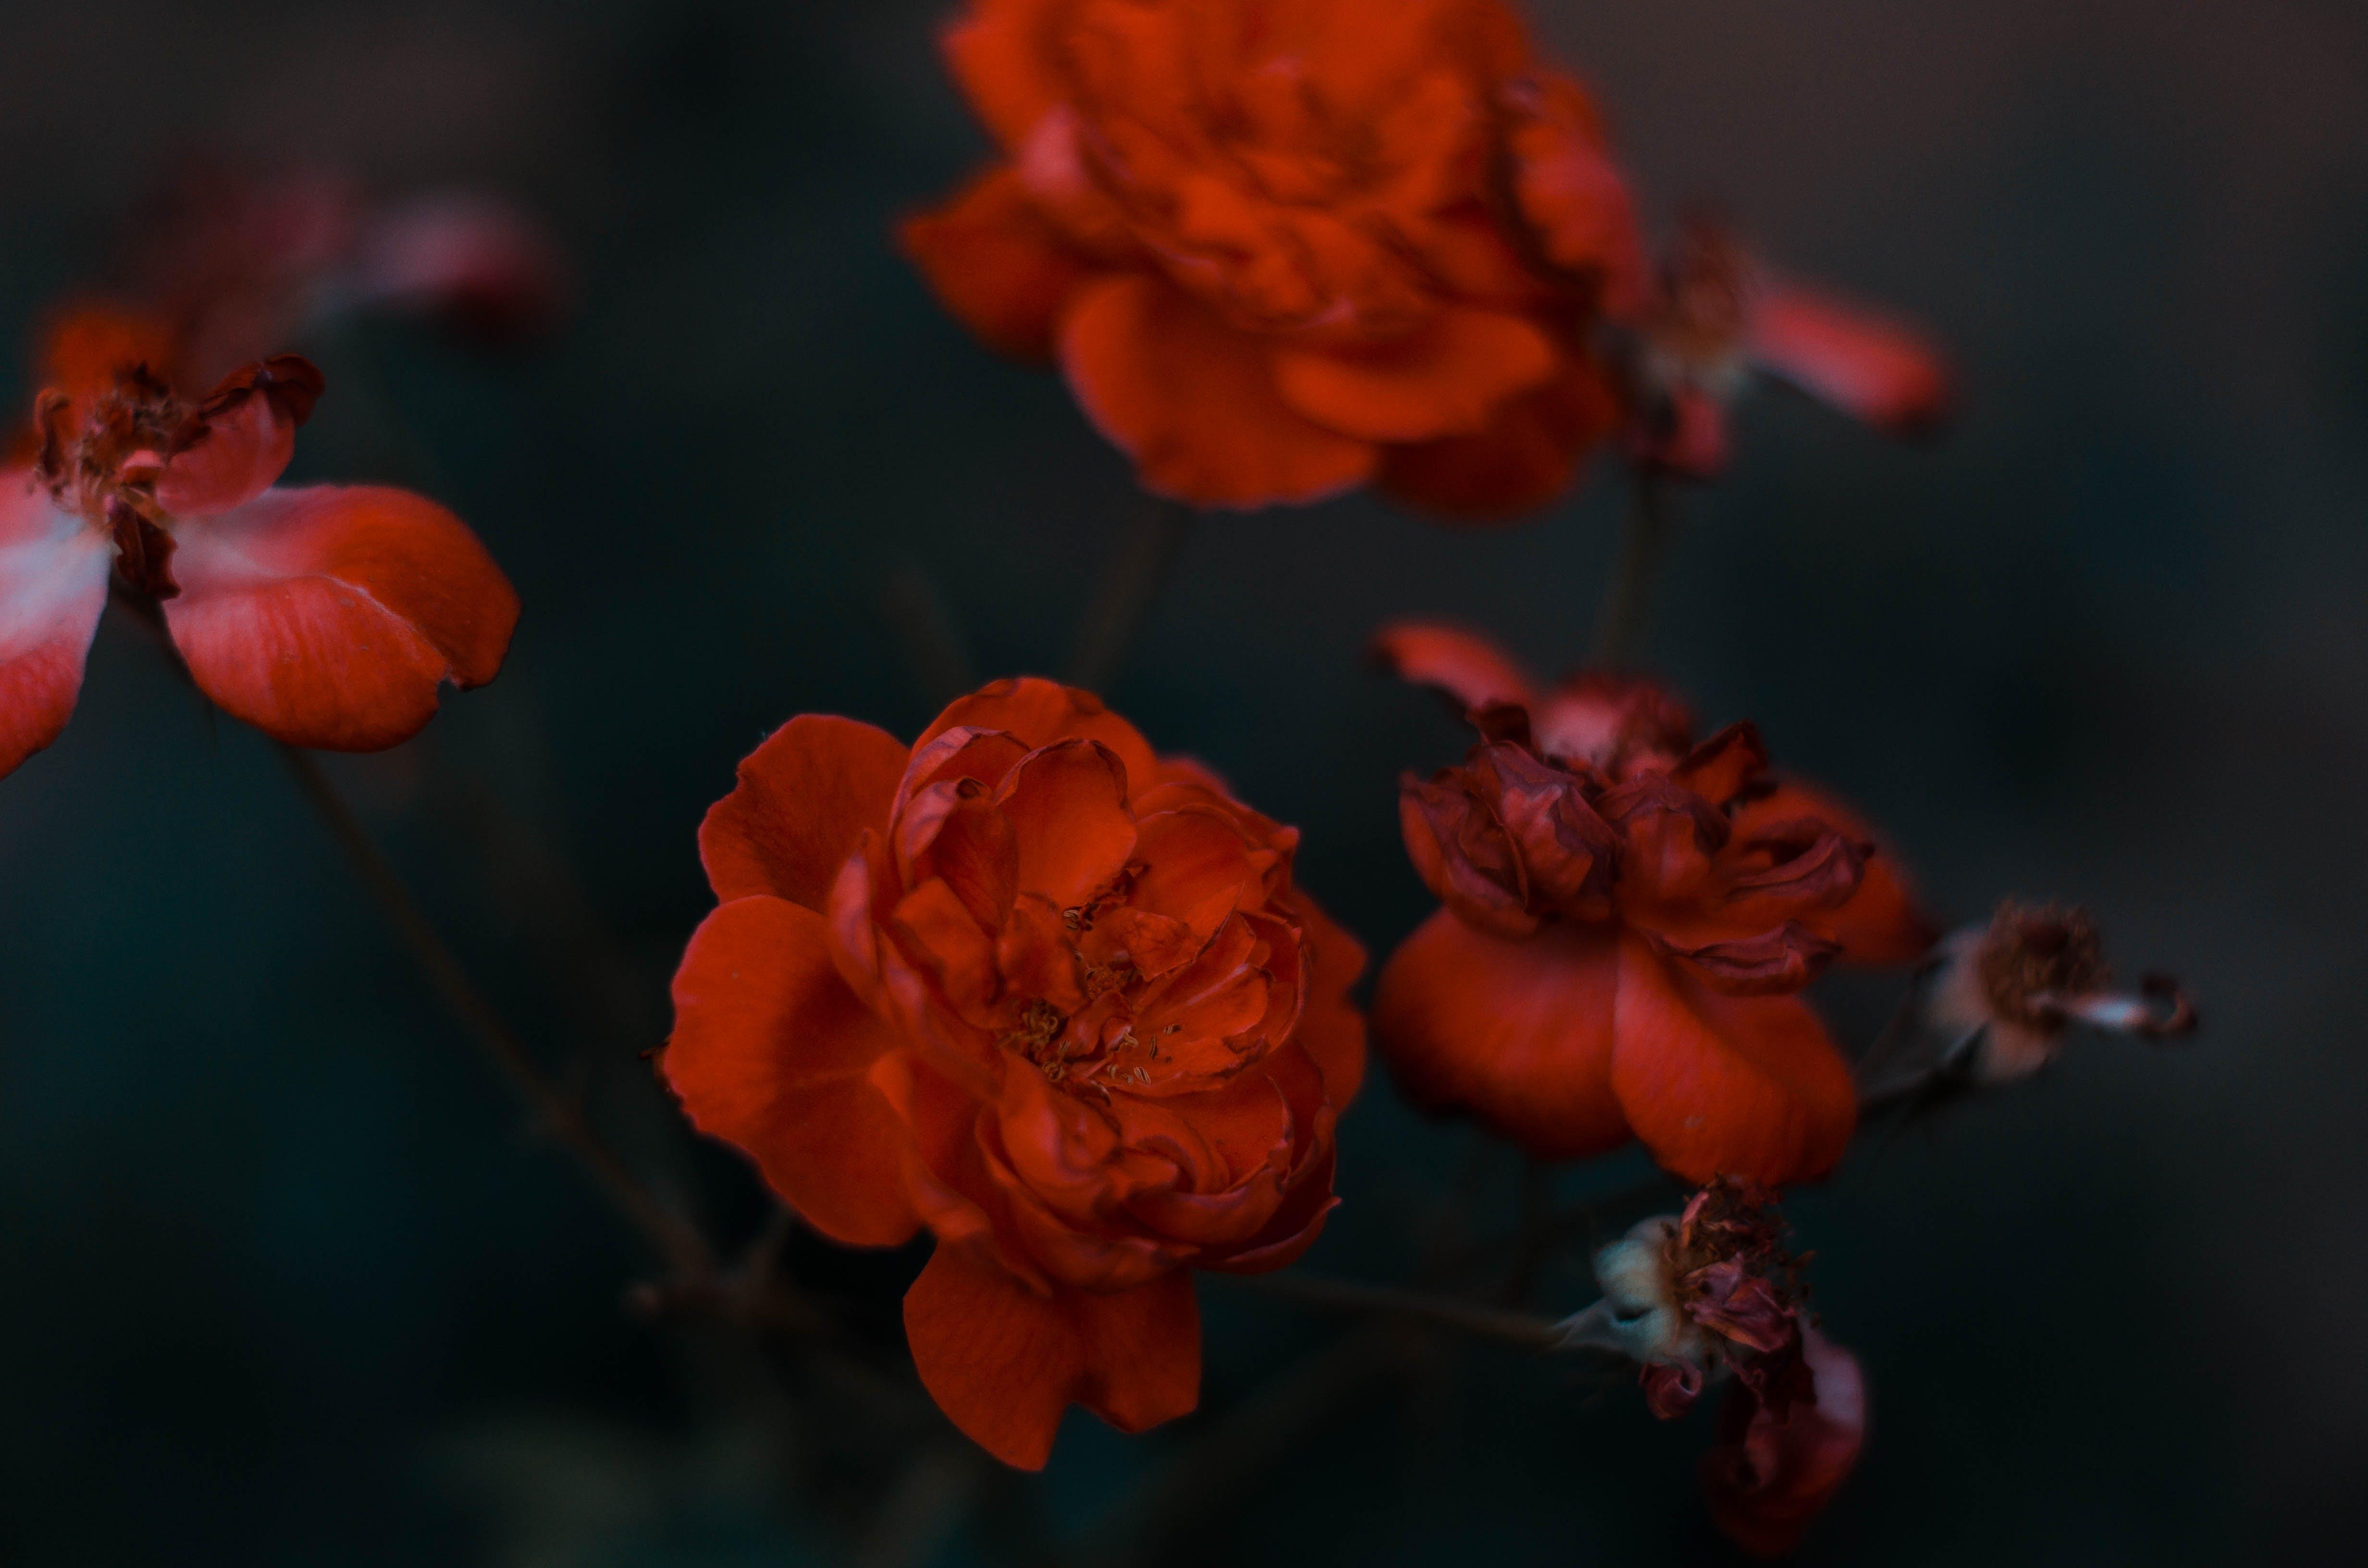 Δωρεάν στοκ φωτογραφιών με άρωμα τριαντάφυλλων, κόκκινα τριαντάφυλλα, Ροζ τριαντάφυλλο, ροζ φυτό